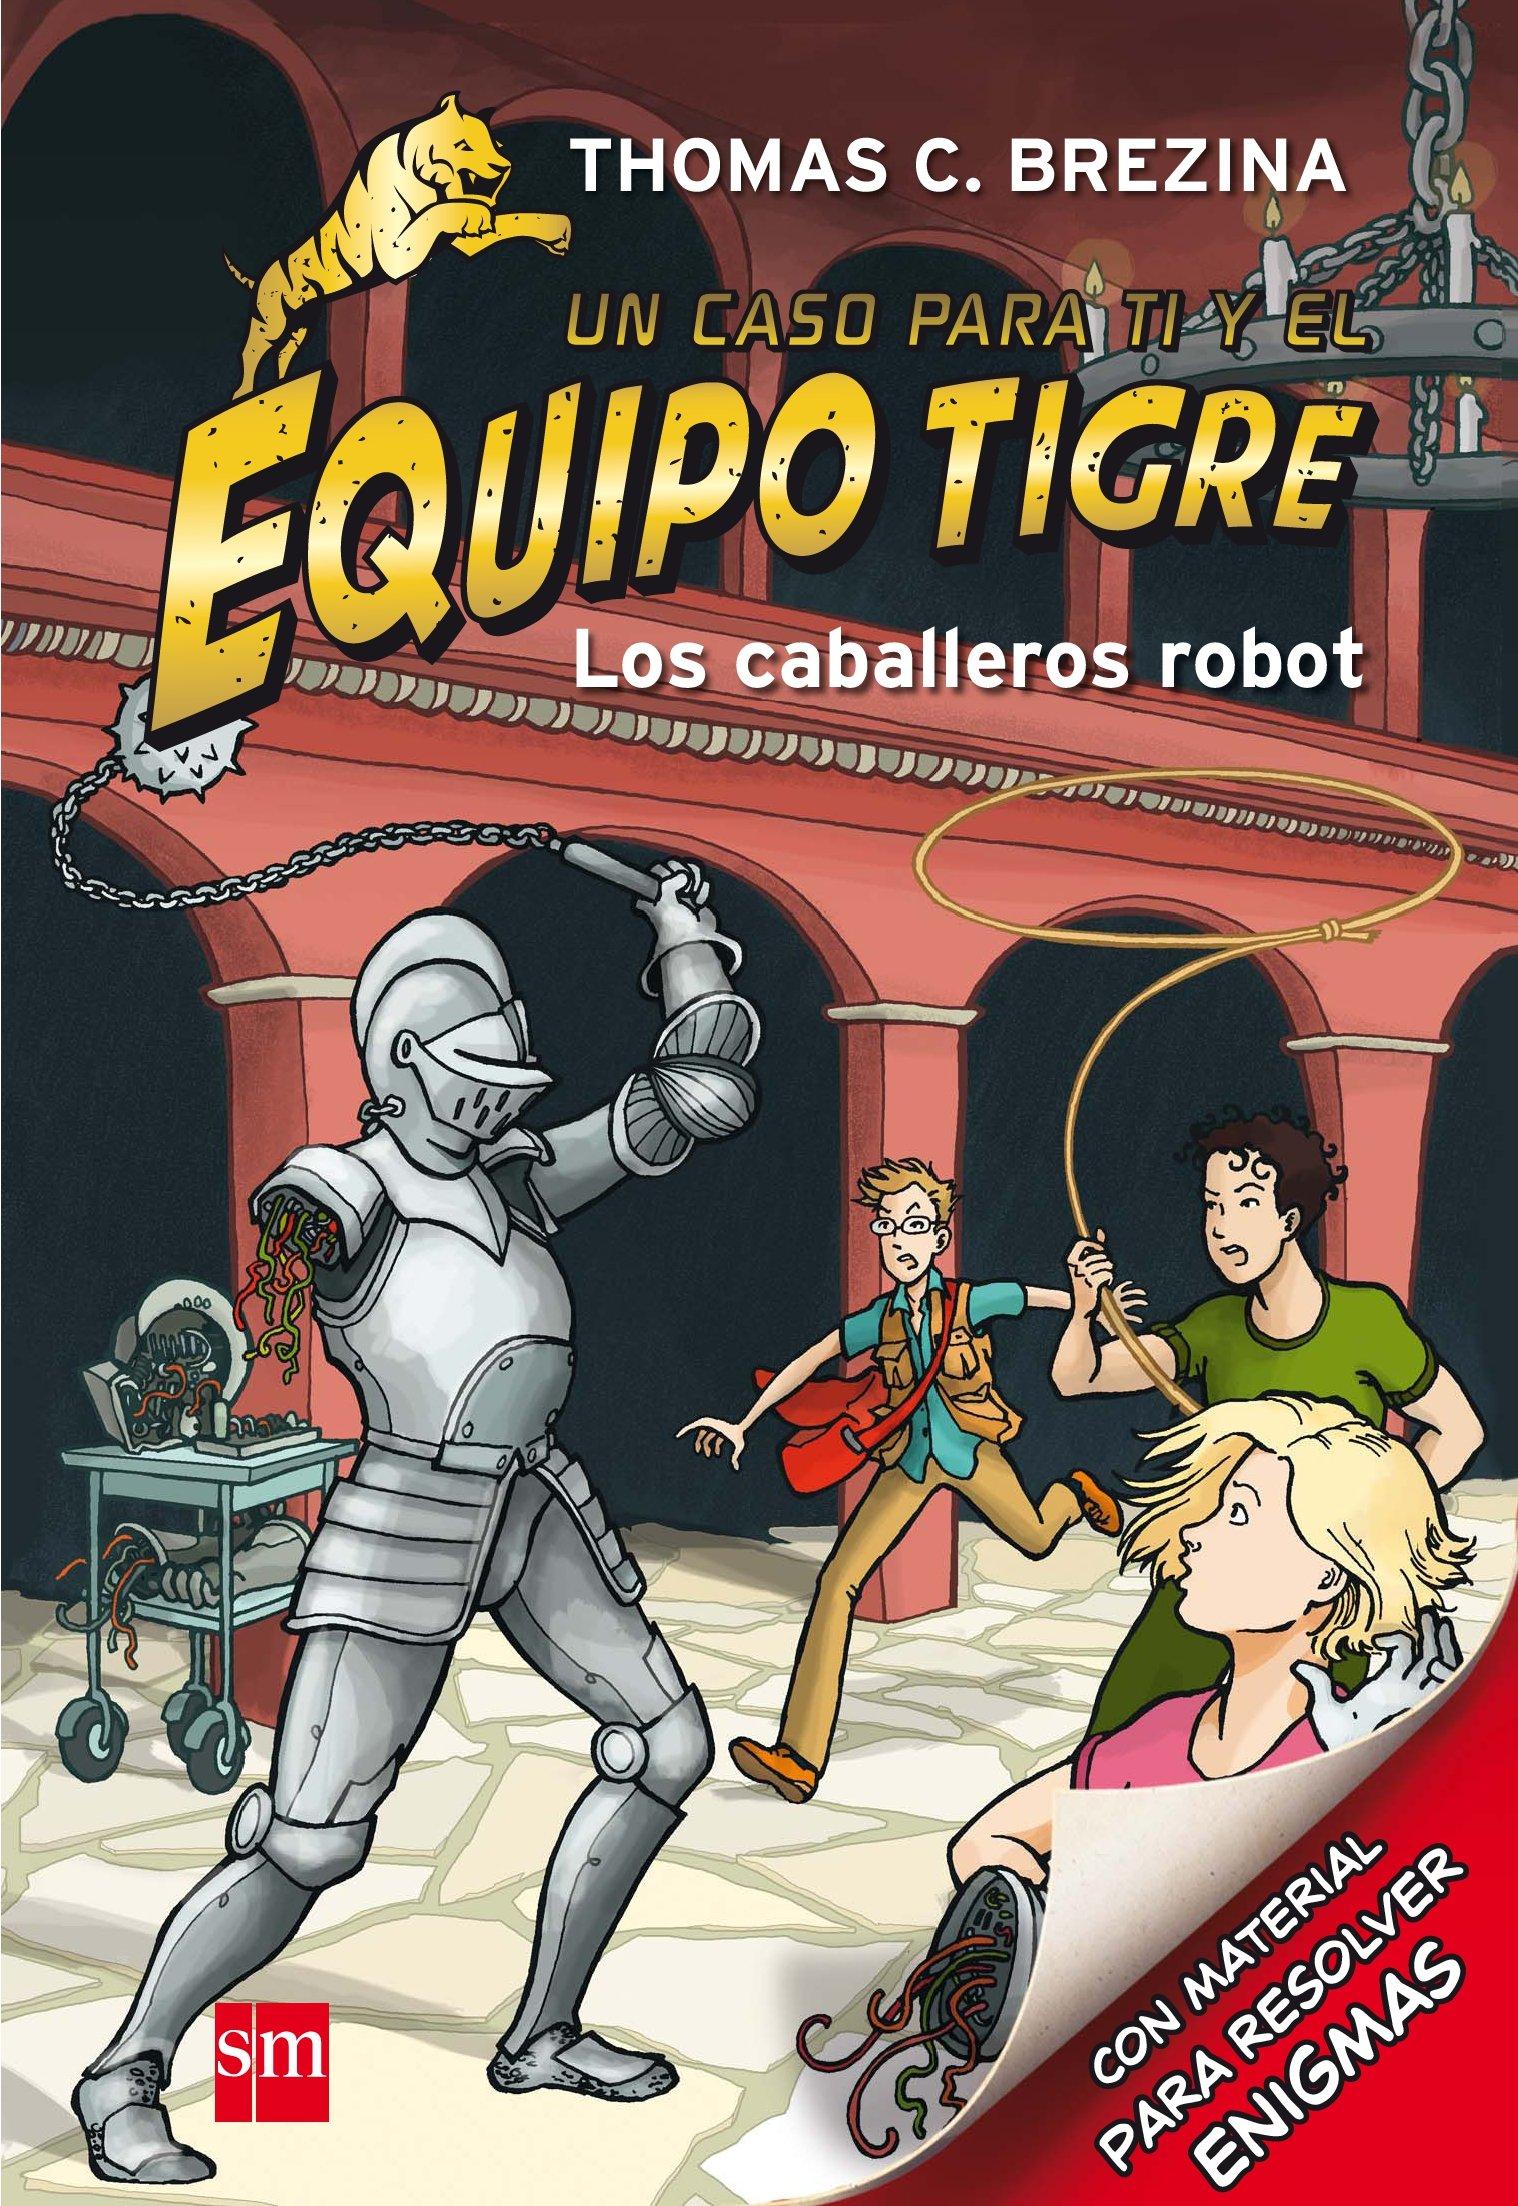 Los caballeros robot (Equipo tigre): Amazon.es: Brezina, Thomas, Fearn, Naomi, Santiago Tagle, José Antonio: Libros